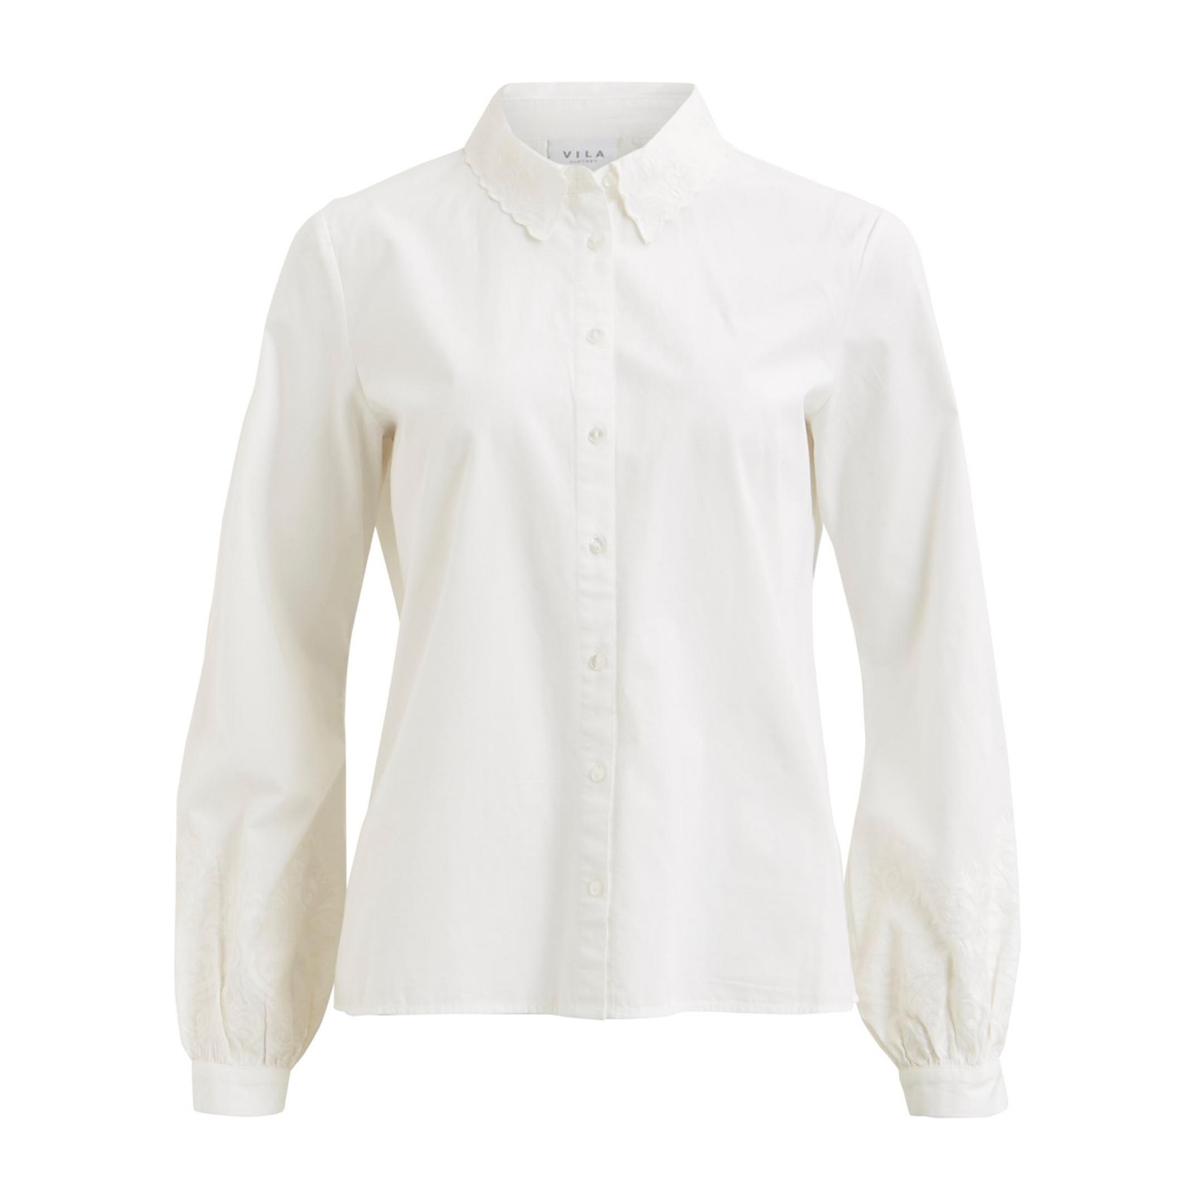 Рубашка с вышивкой, длинные рукава рубашка с вышивкой